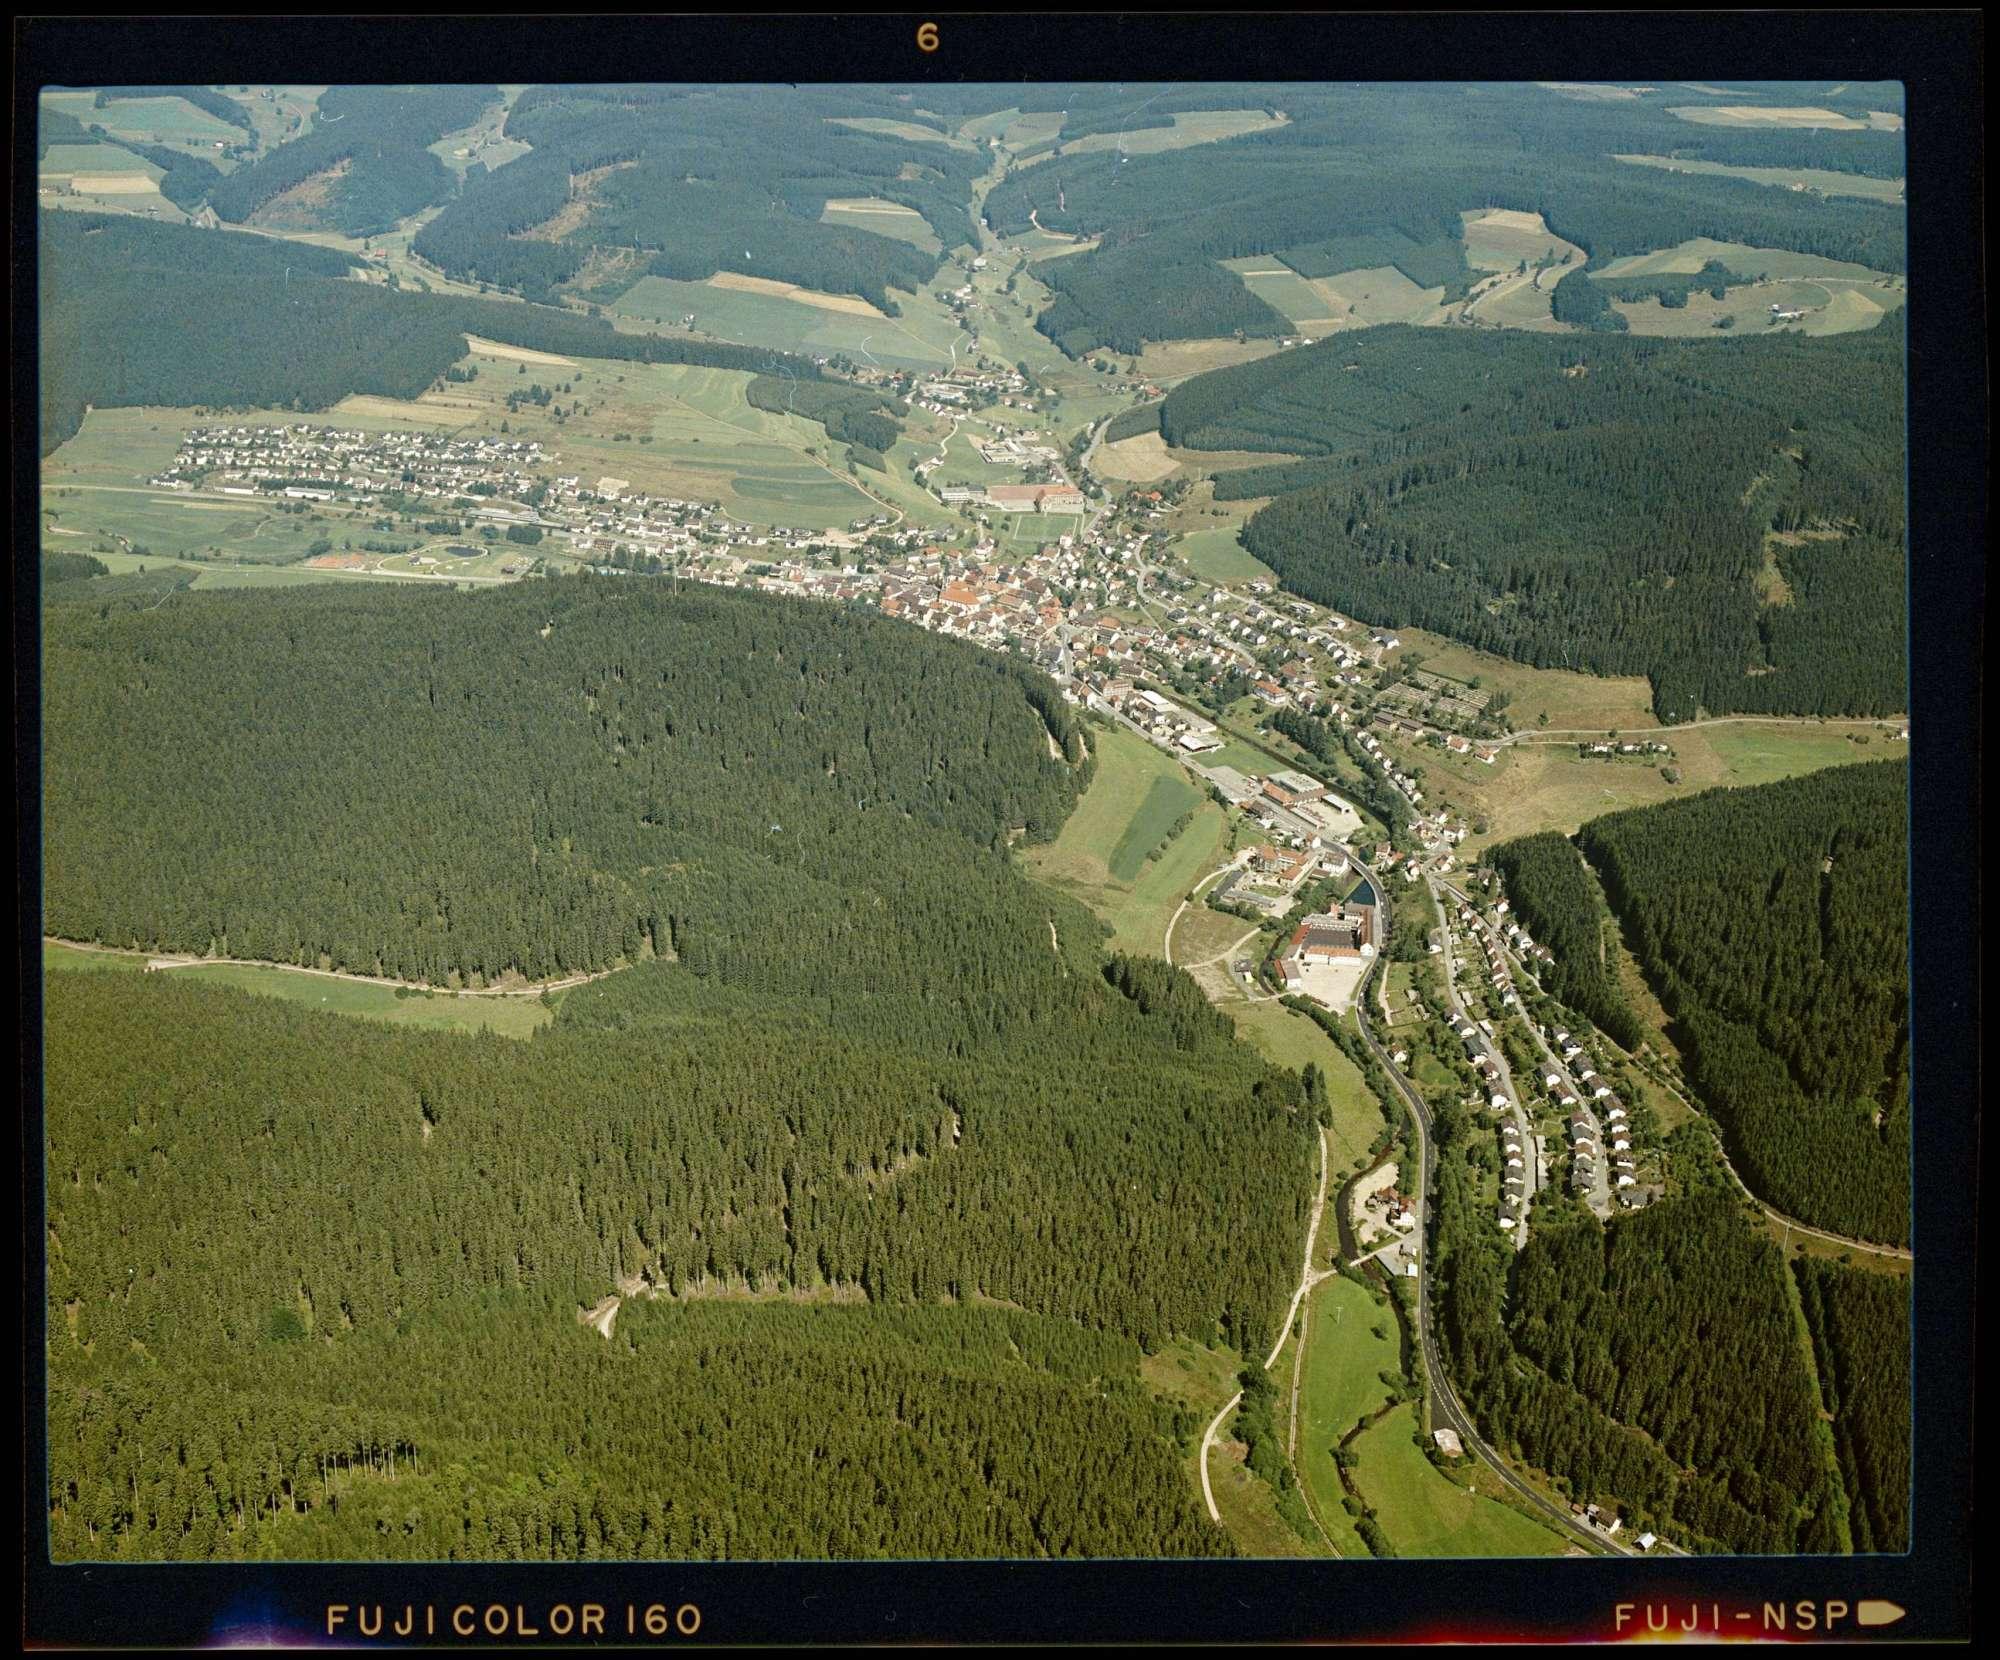 Vöhrenbach, Luftbild, Bild 1